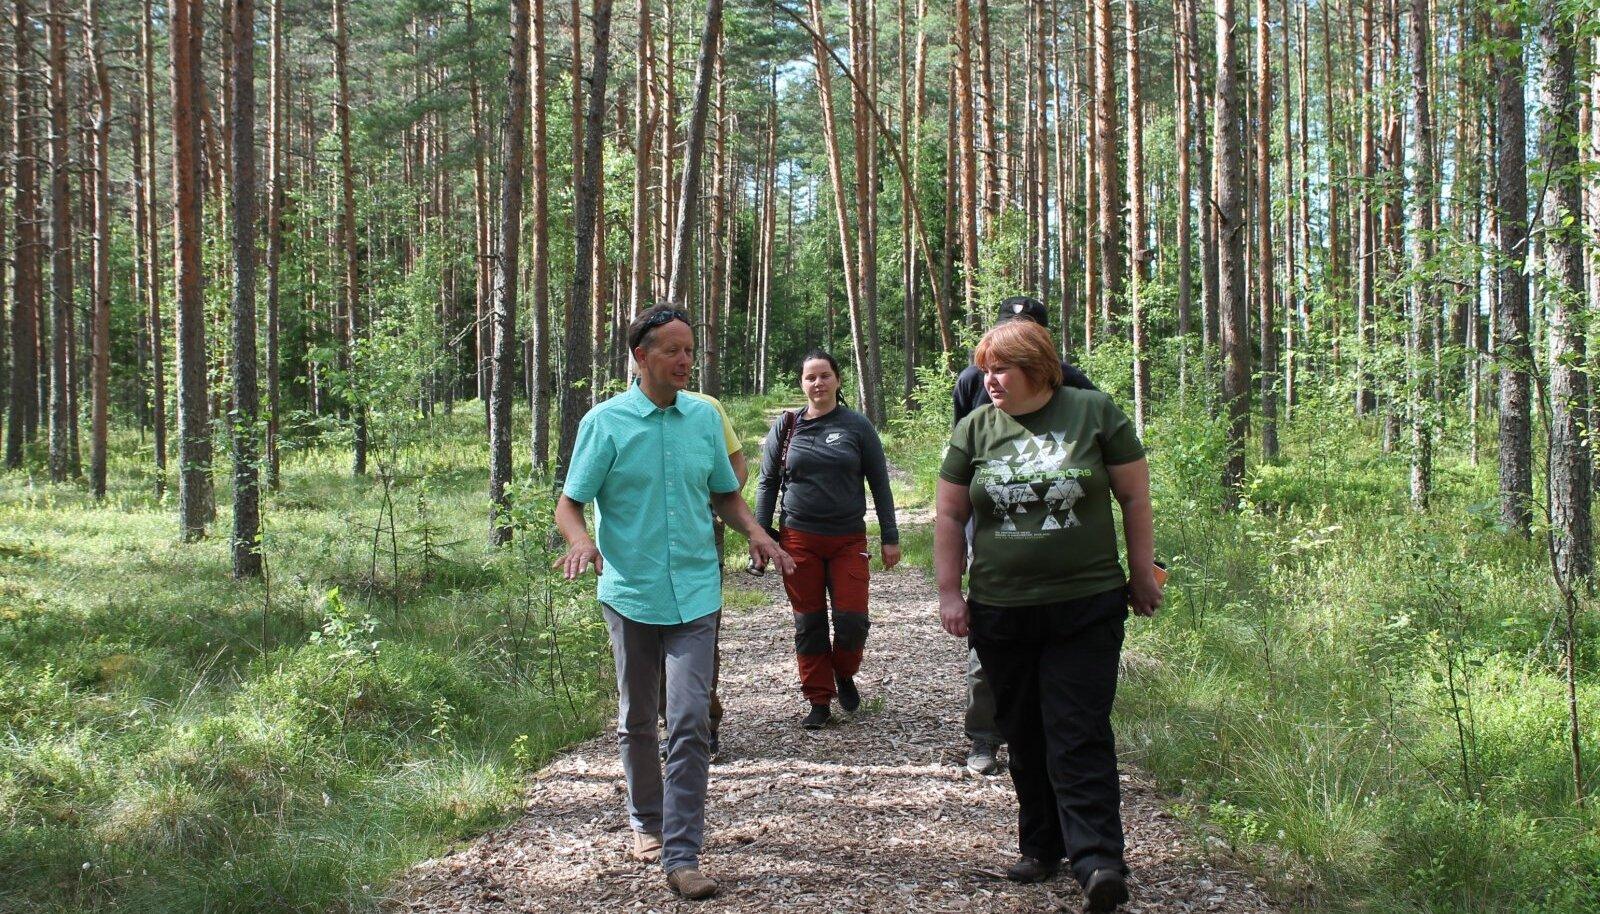 Metsarada Pullijärve puhkekülas, mis on kaetud oma metsast saadud hakkpuiduga. Pimedal ajal on see ka valgustatud.